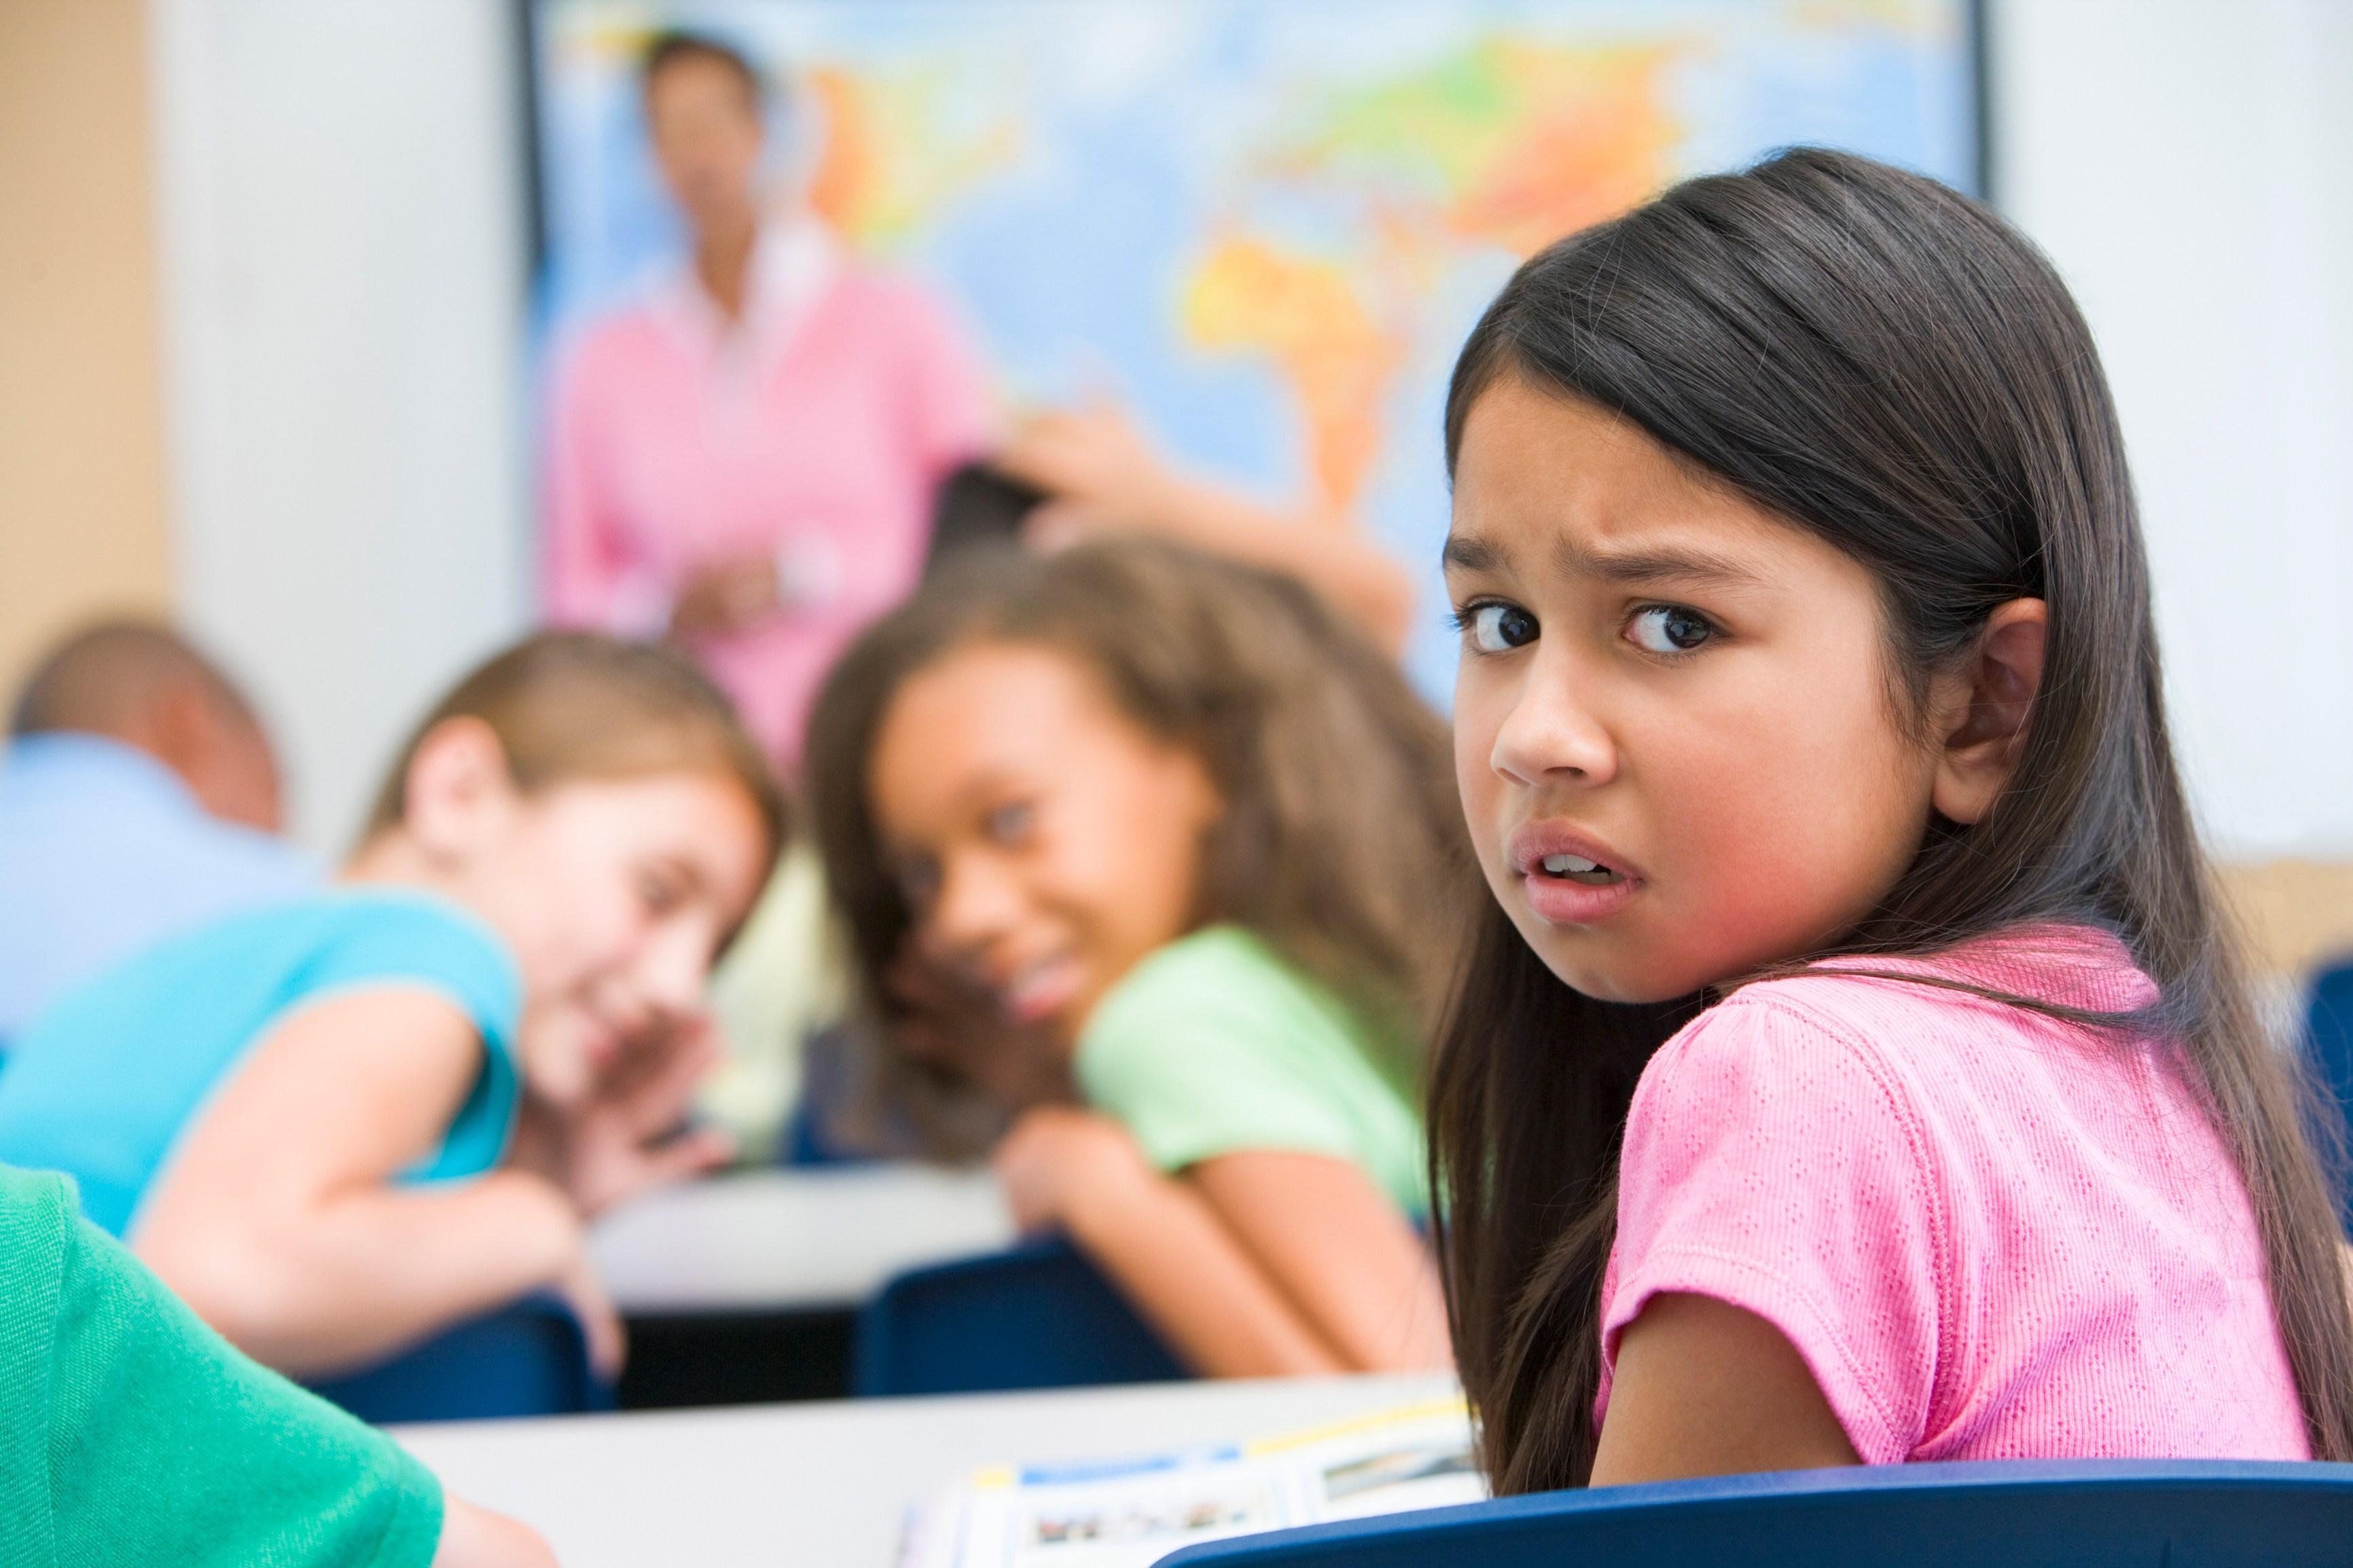 طفلي يتعرض للضرب بالمدرسة ماذا أفعل؟